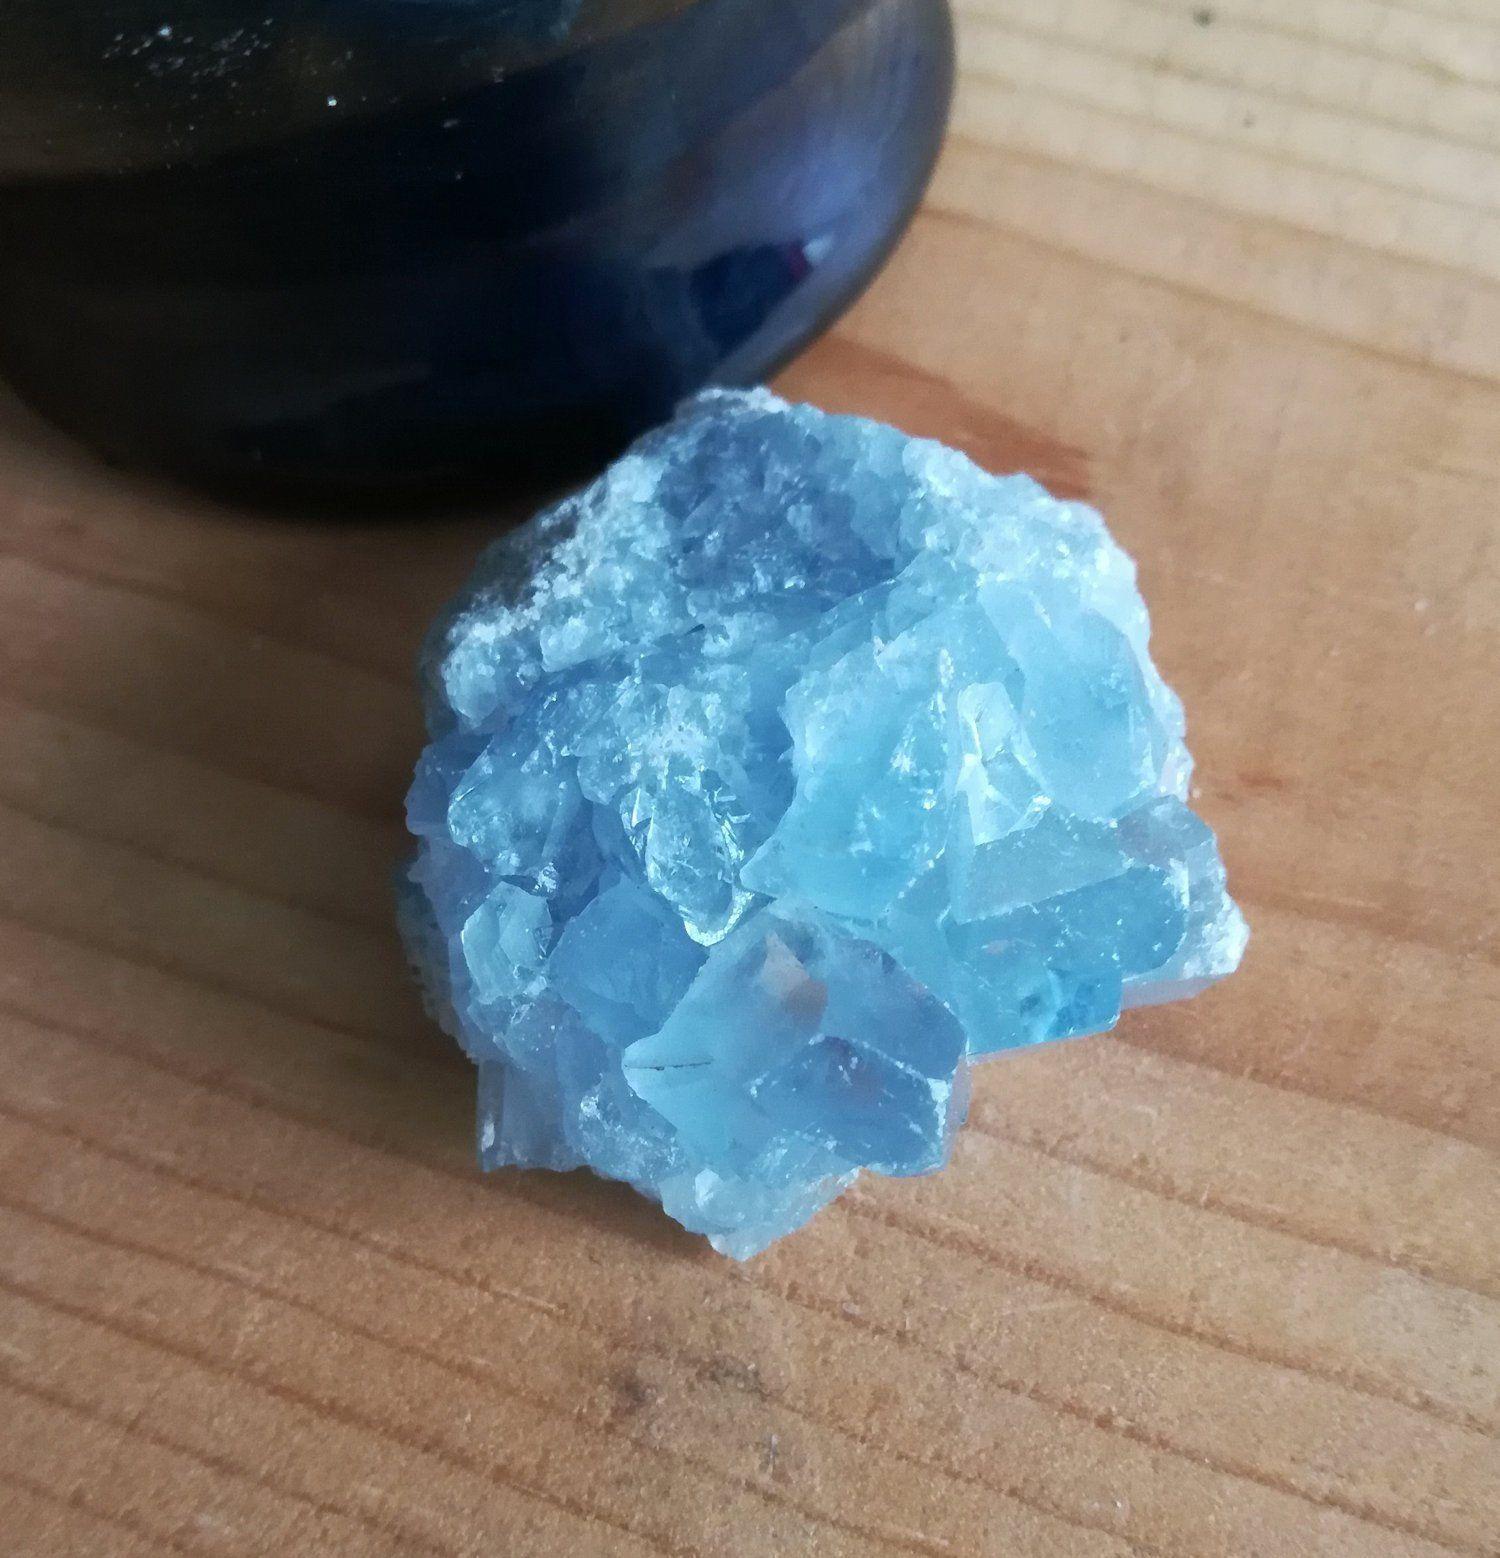 Celestite Crystal Cluster Sky Blue Celestine Cluster Mineral Specimen 1 7 Ounces 48 Grams For Sale By Celestite Crystal Crystal Cluster Beautiful Sky Blue